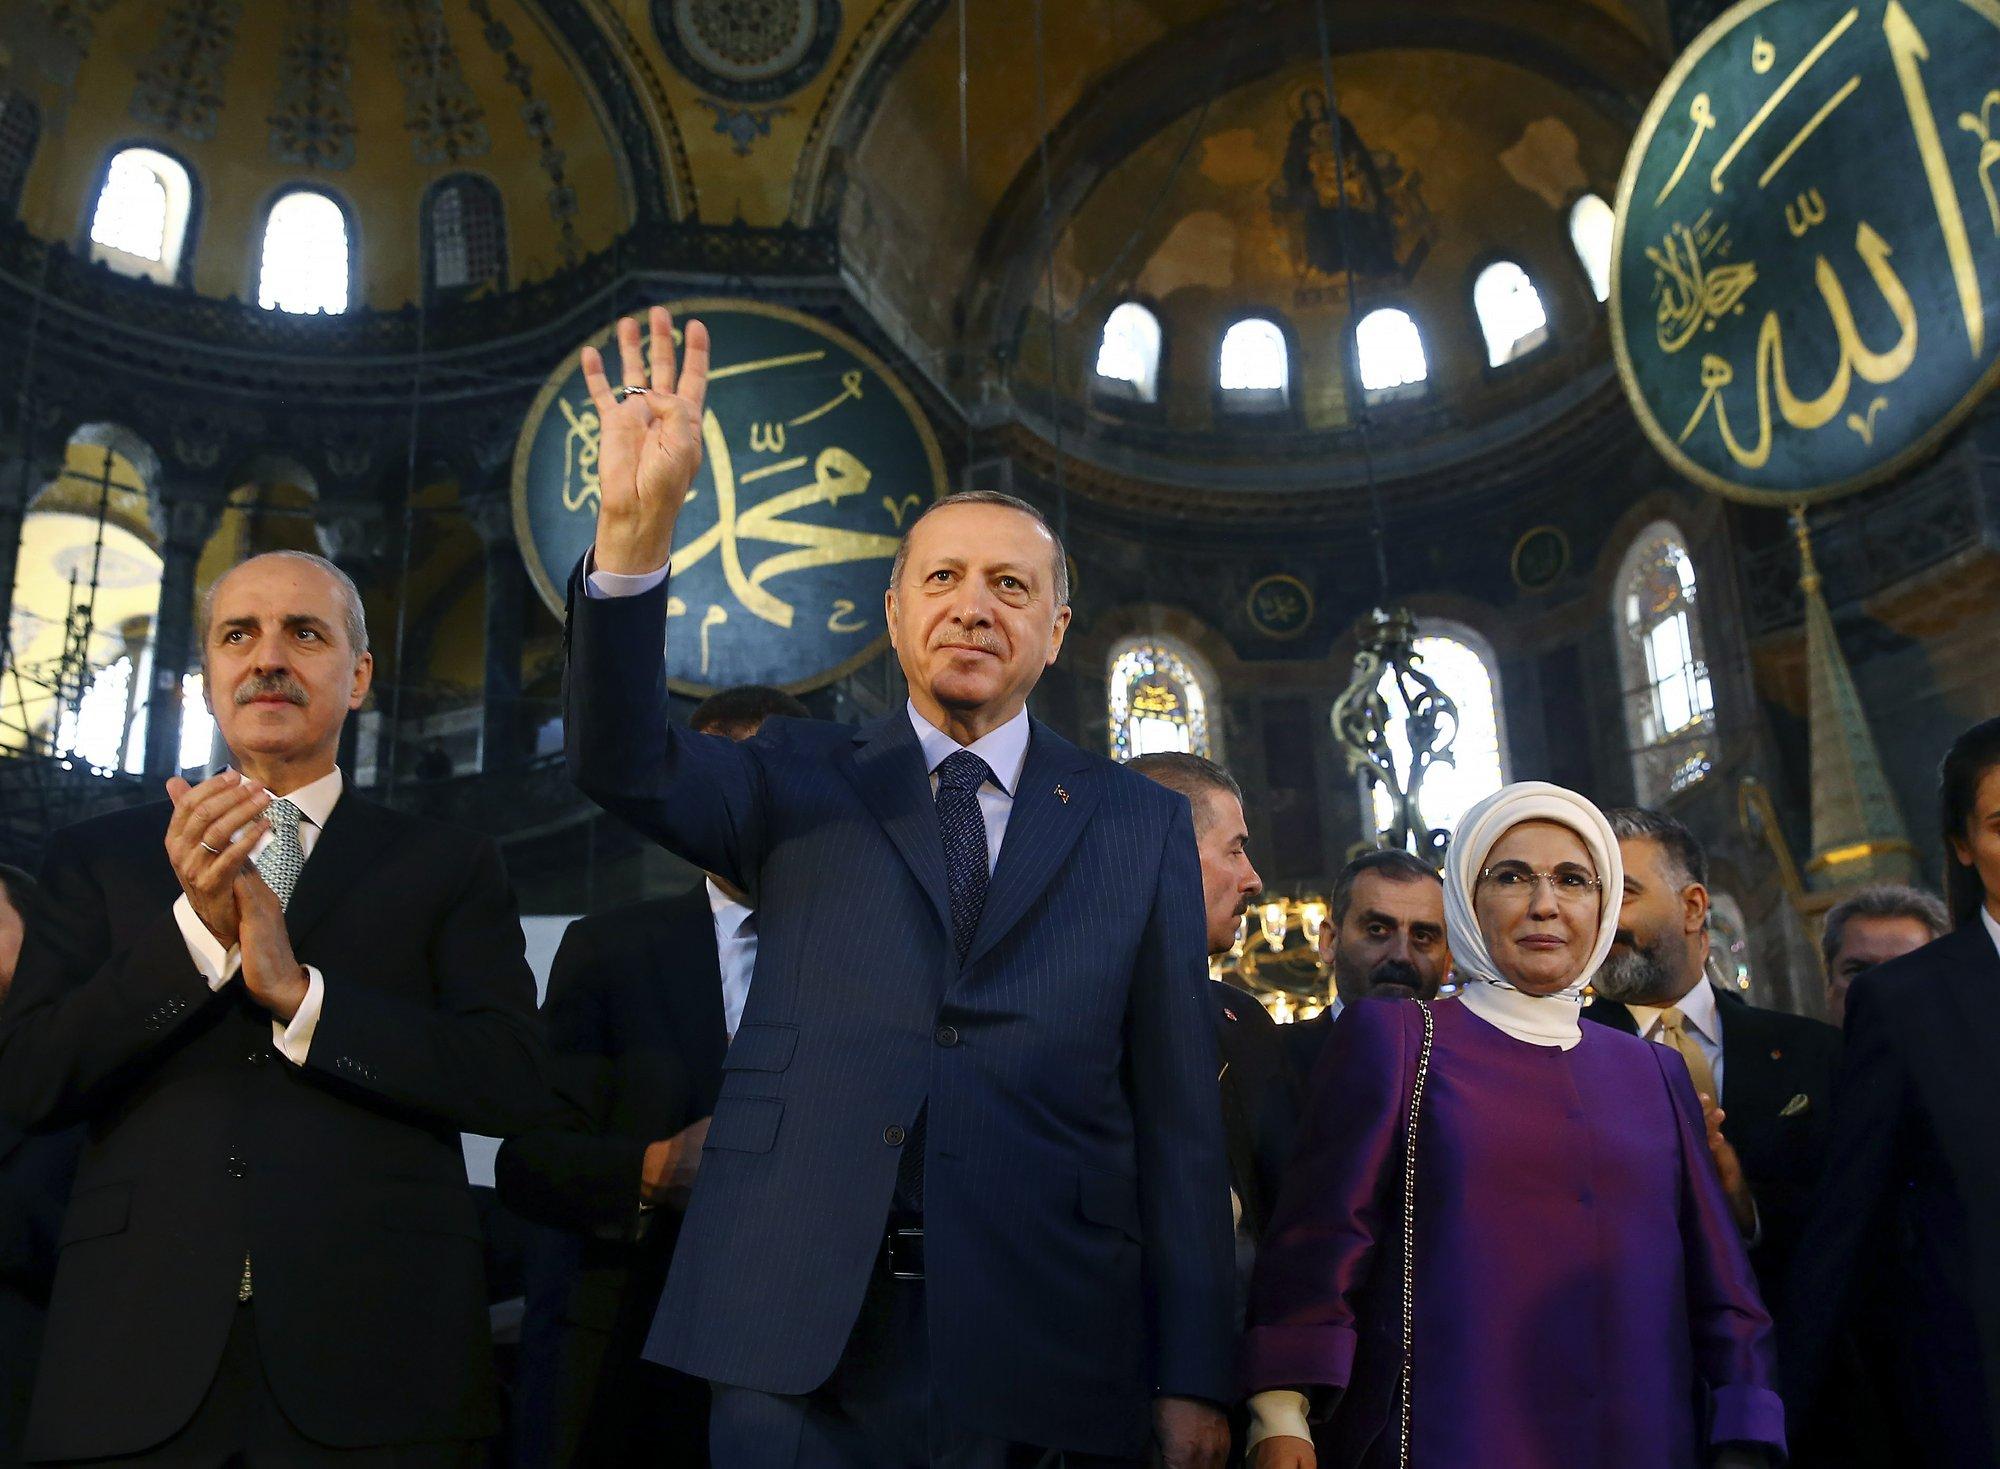 Картинки по запросу hagia sophia erdogan